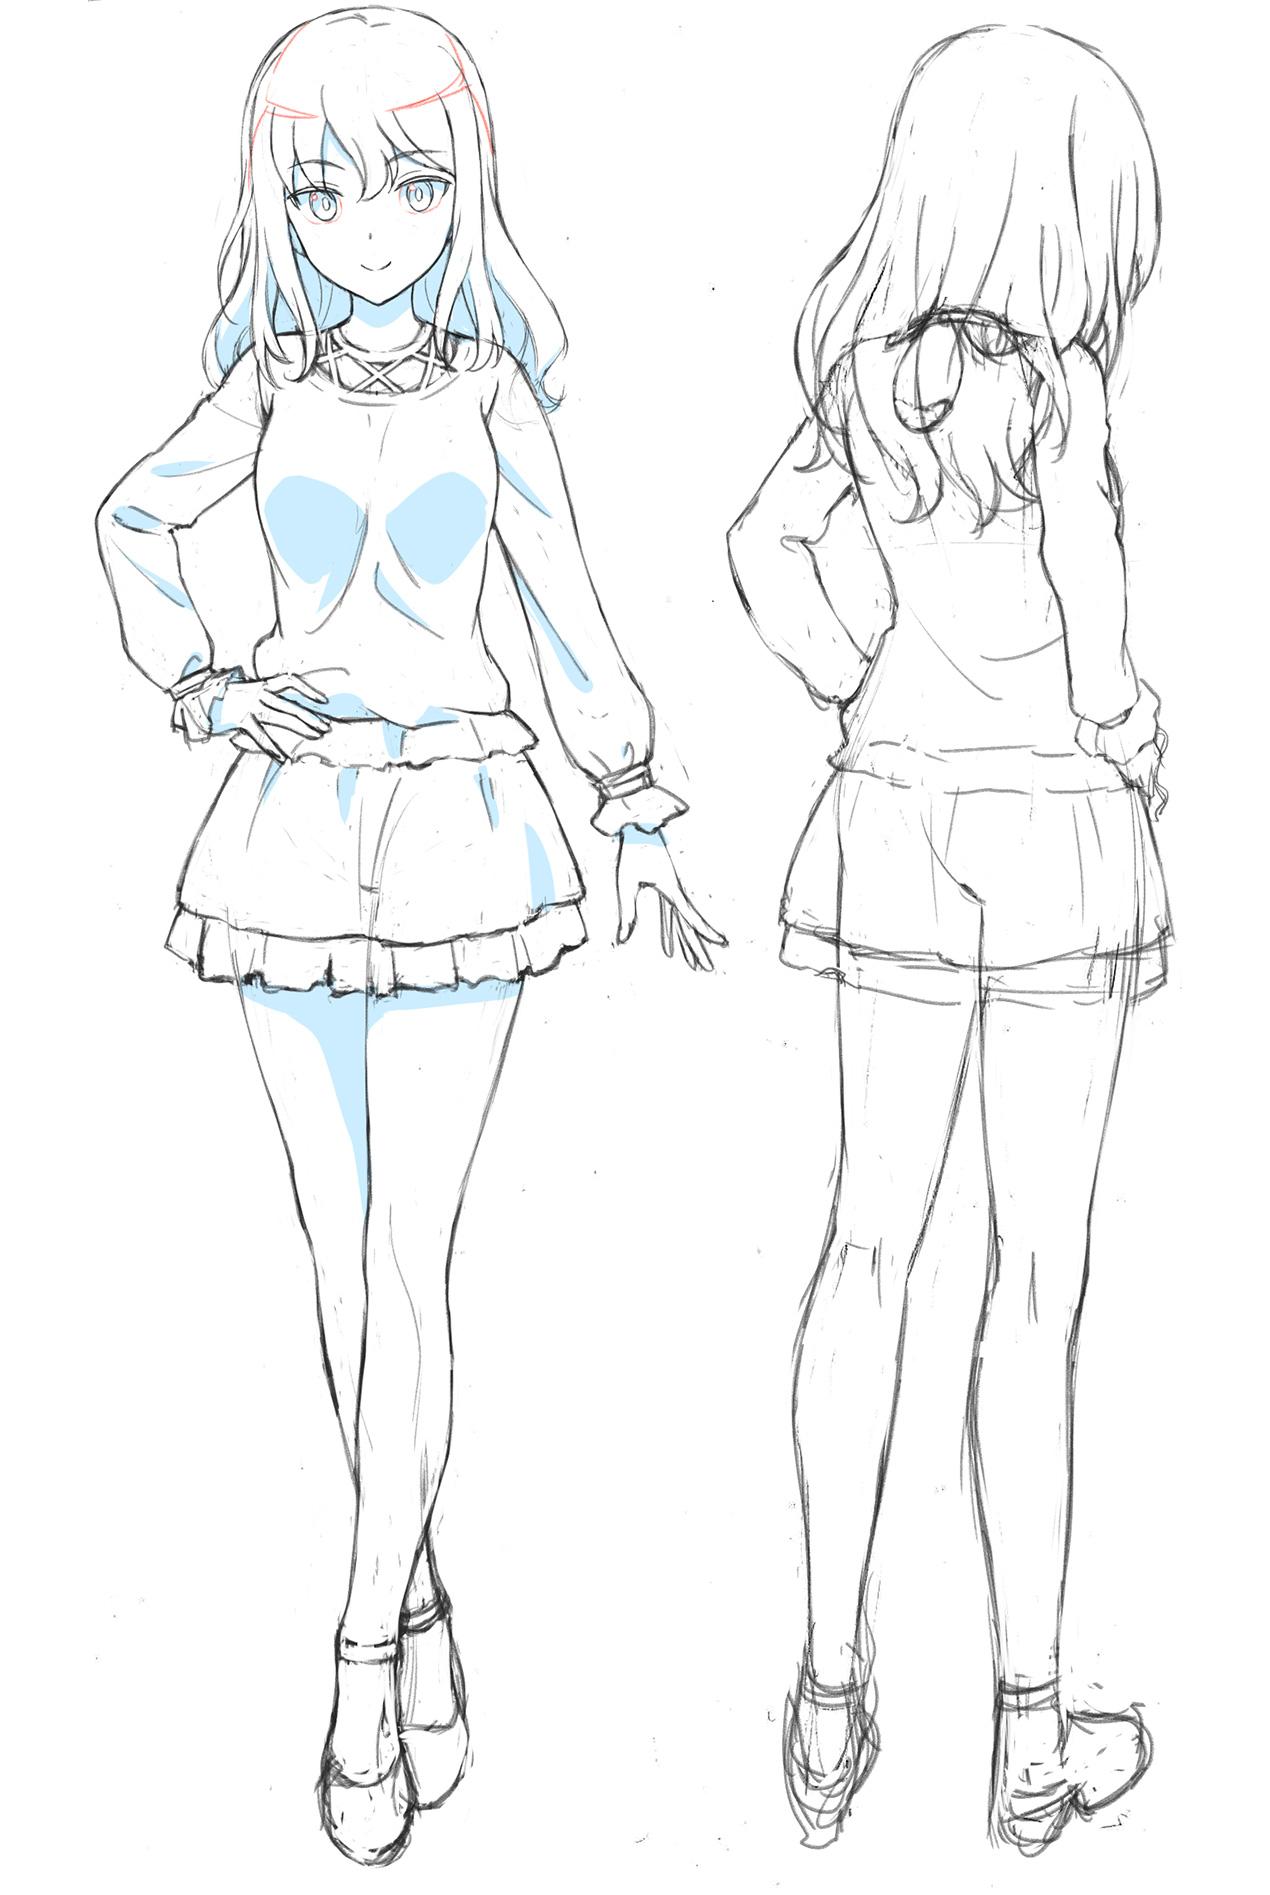 Un escenario de personajes de Yumi Yotsuya, uno de los personajes principales del próximo Alice Gear Aegis OAV.